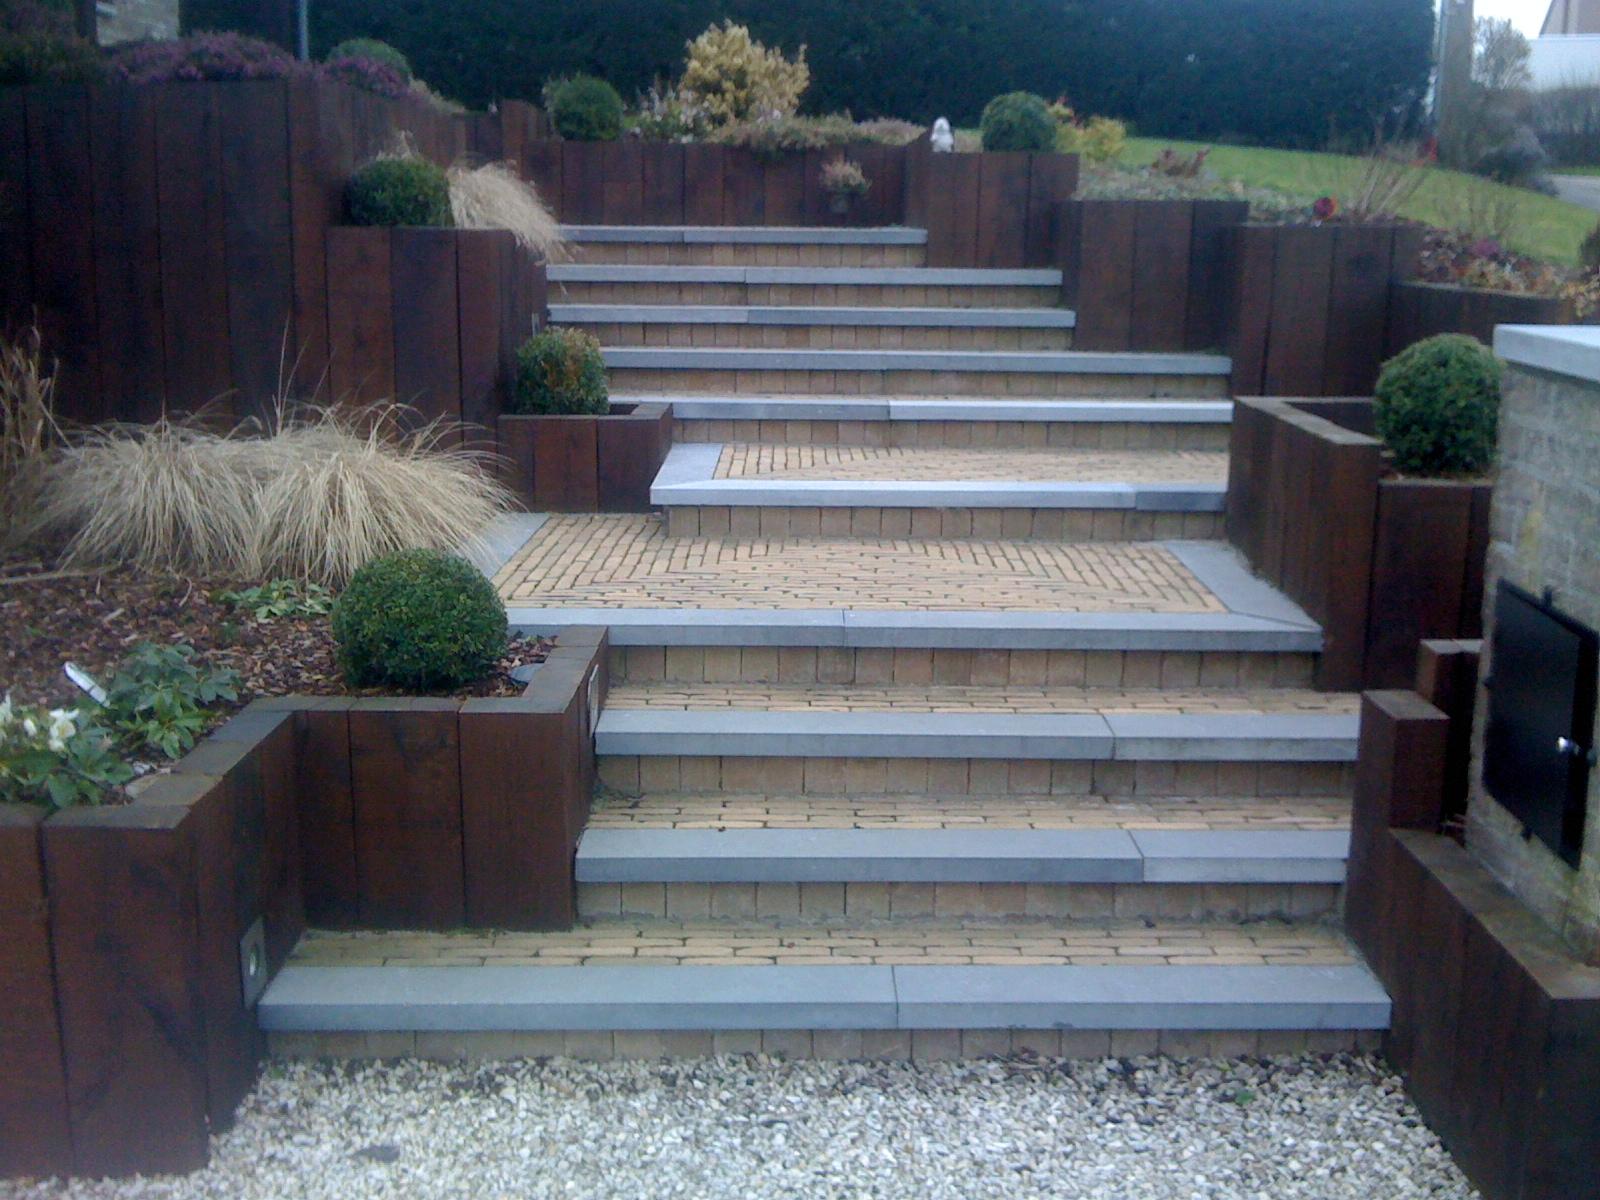 Confort ext rieur am nagement entr e projet escalier ext rieur - Amenagement entree avec escalier ...